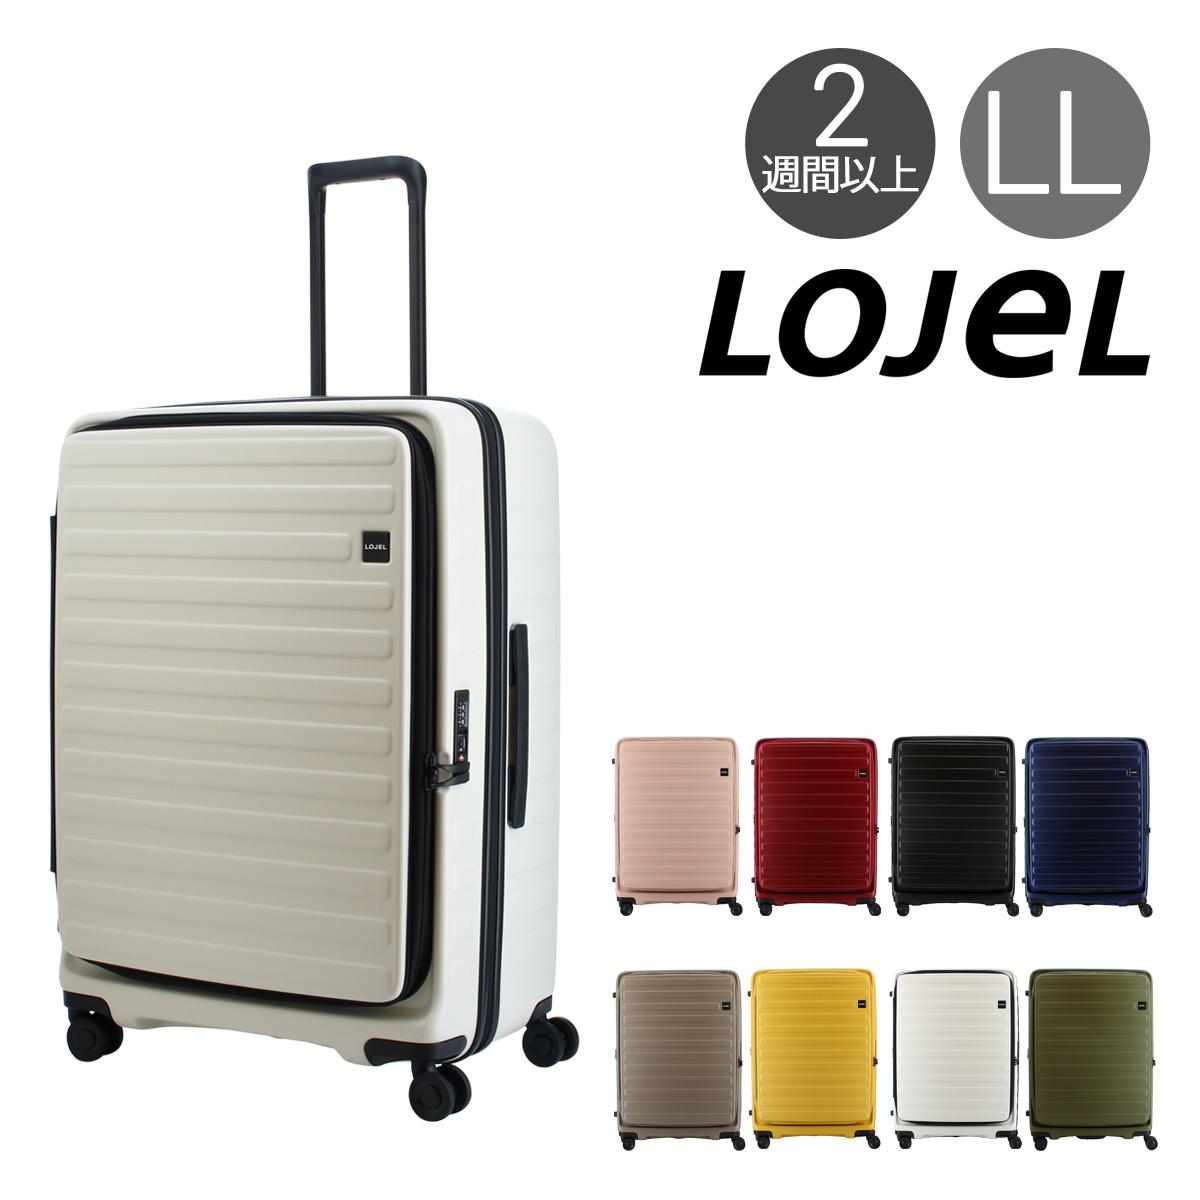 ロジェール スーツケース CUBO-L Lサイズ キャリーケース キャリーバッグ ビジネスキャリー 71cm 拡張機能 エキスパンダブル エクスパンダブル LOJEL[bef][即日発送]